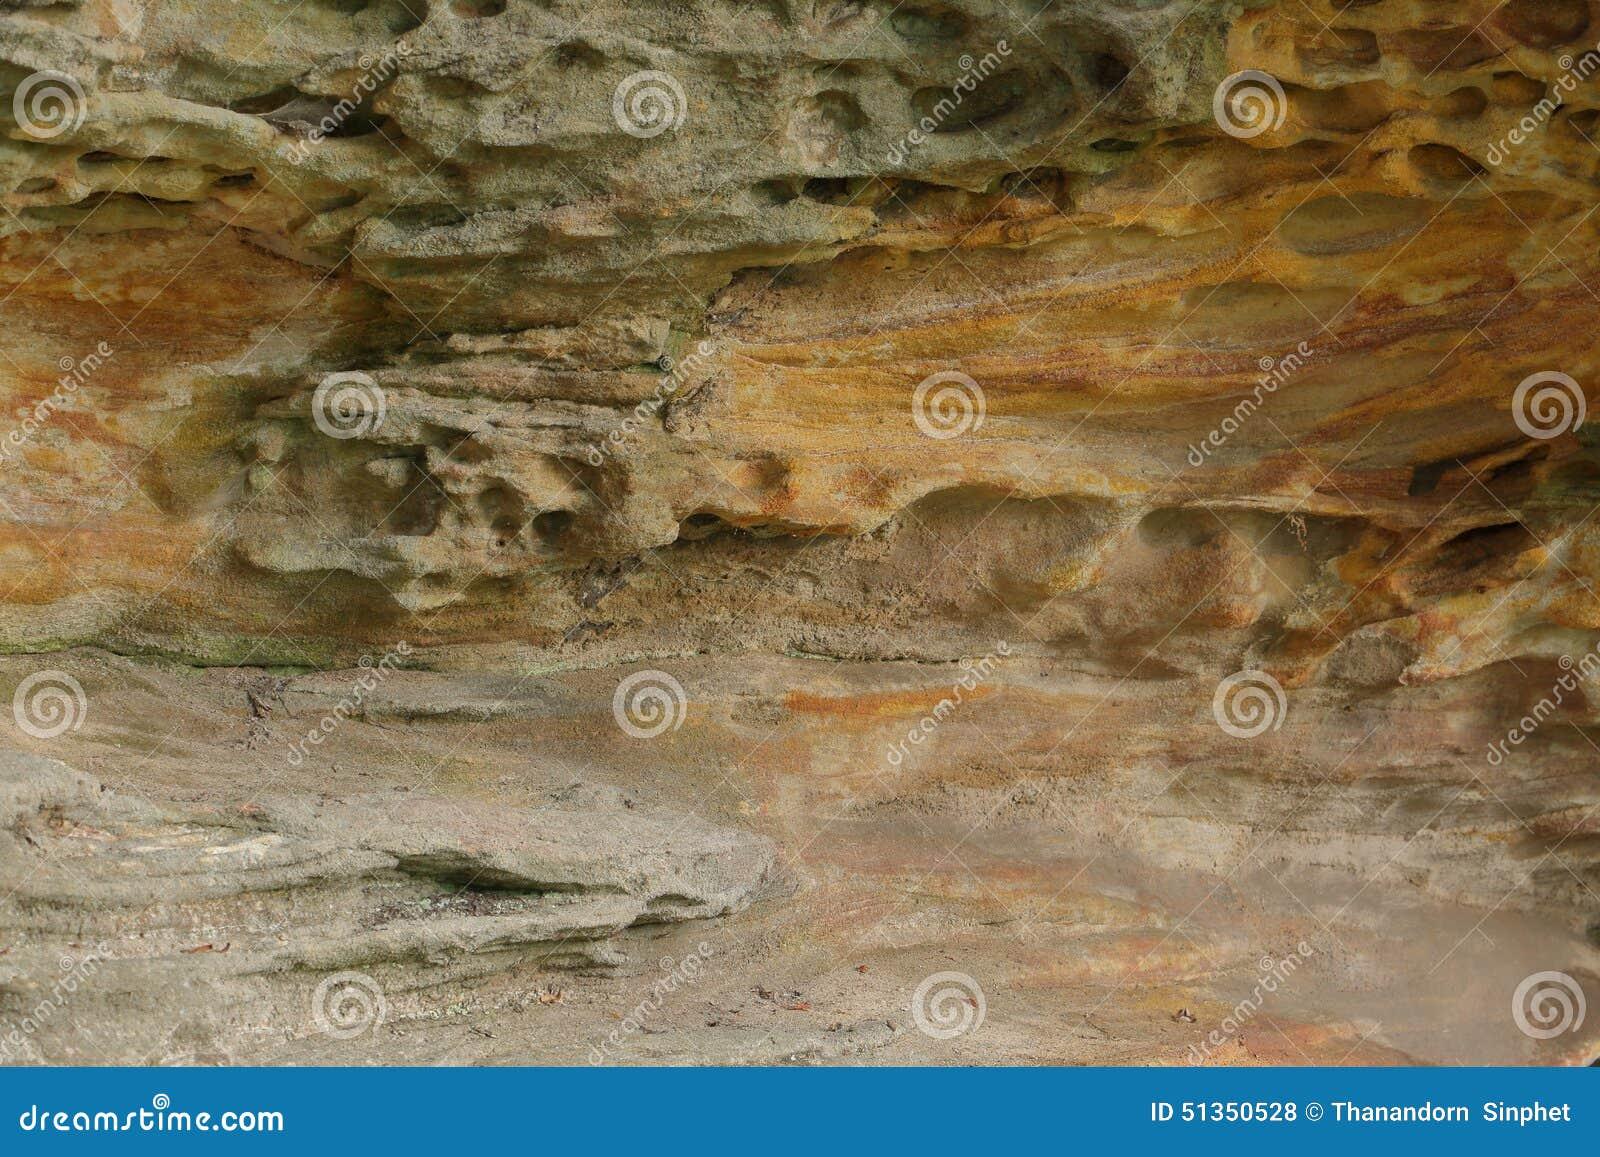 Геологохимические слои земли